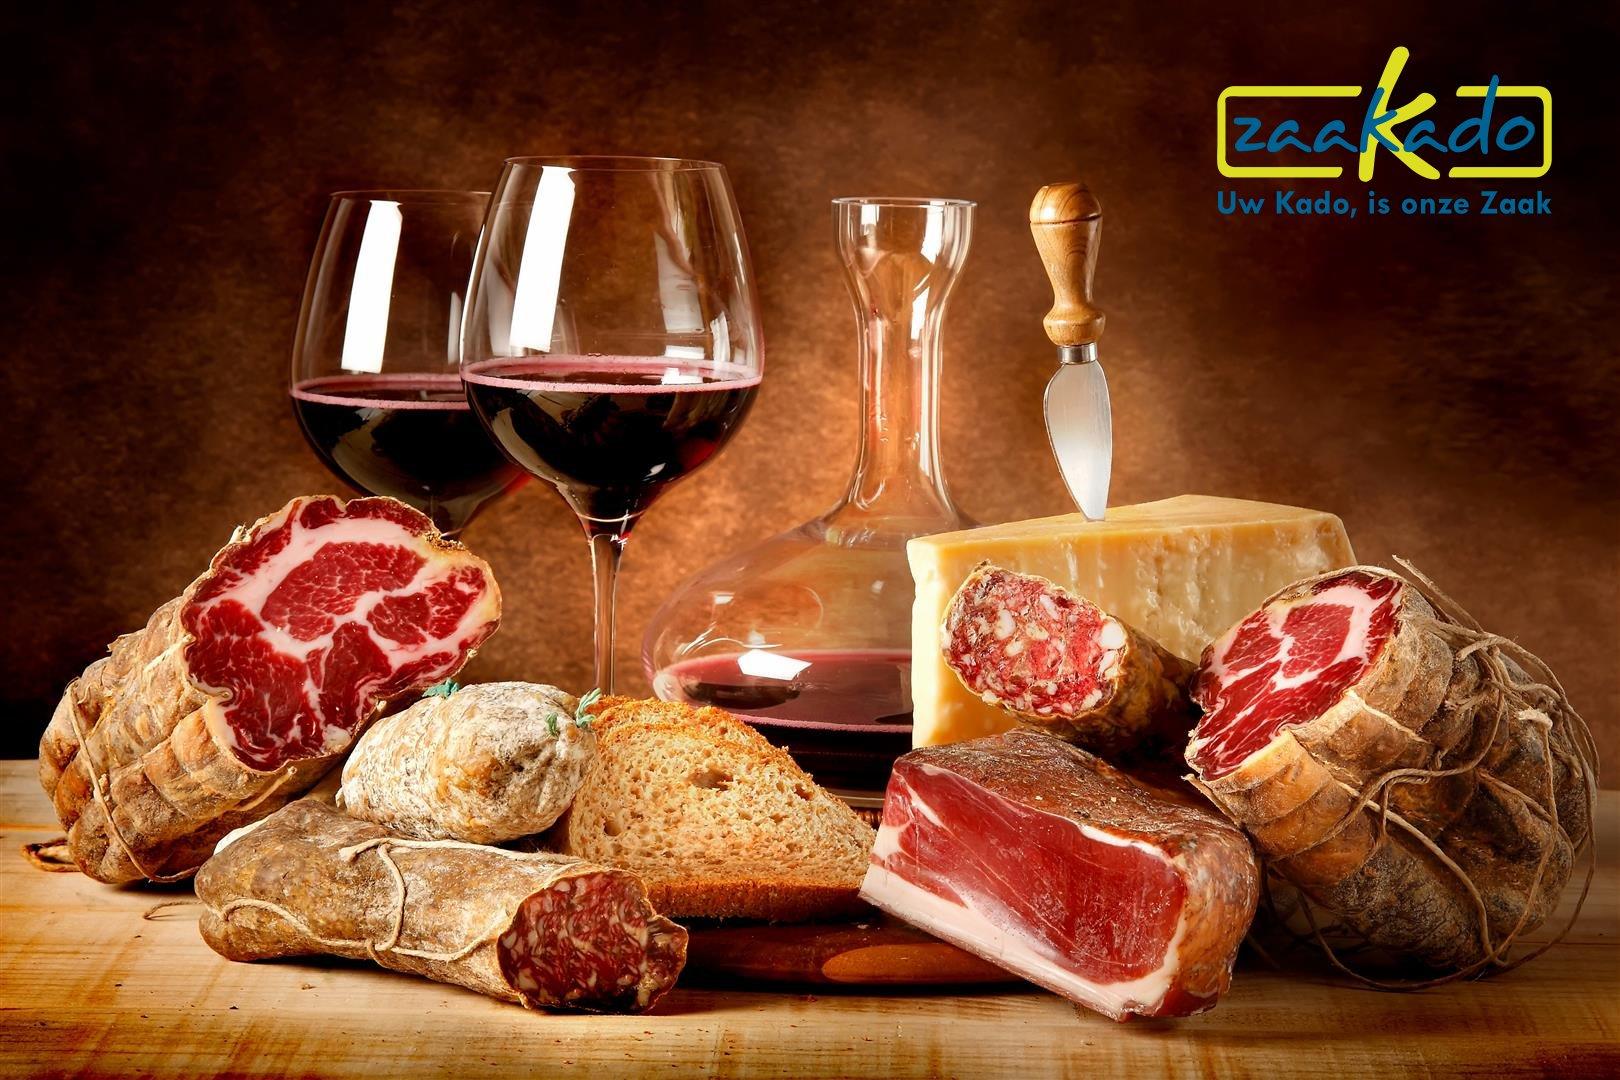 Wijn wijnverpakkingen met logo bedrukt ZaaKado Rotterdam relatiegeschenken